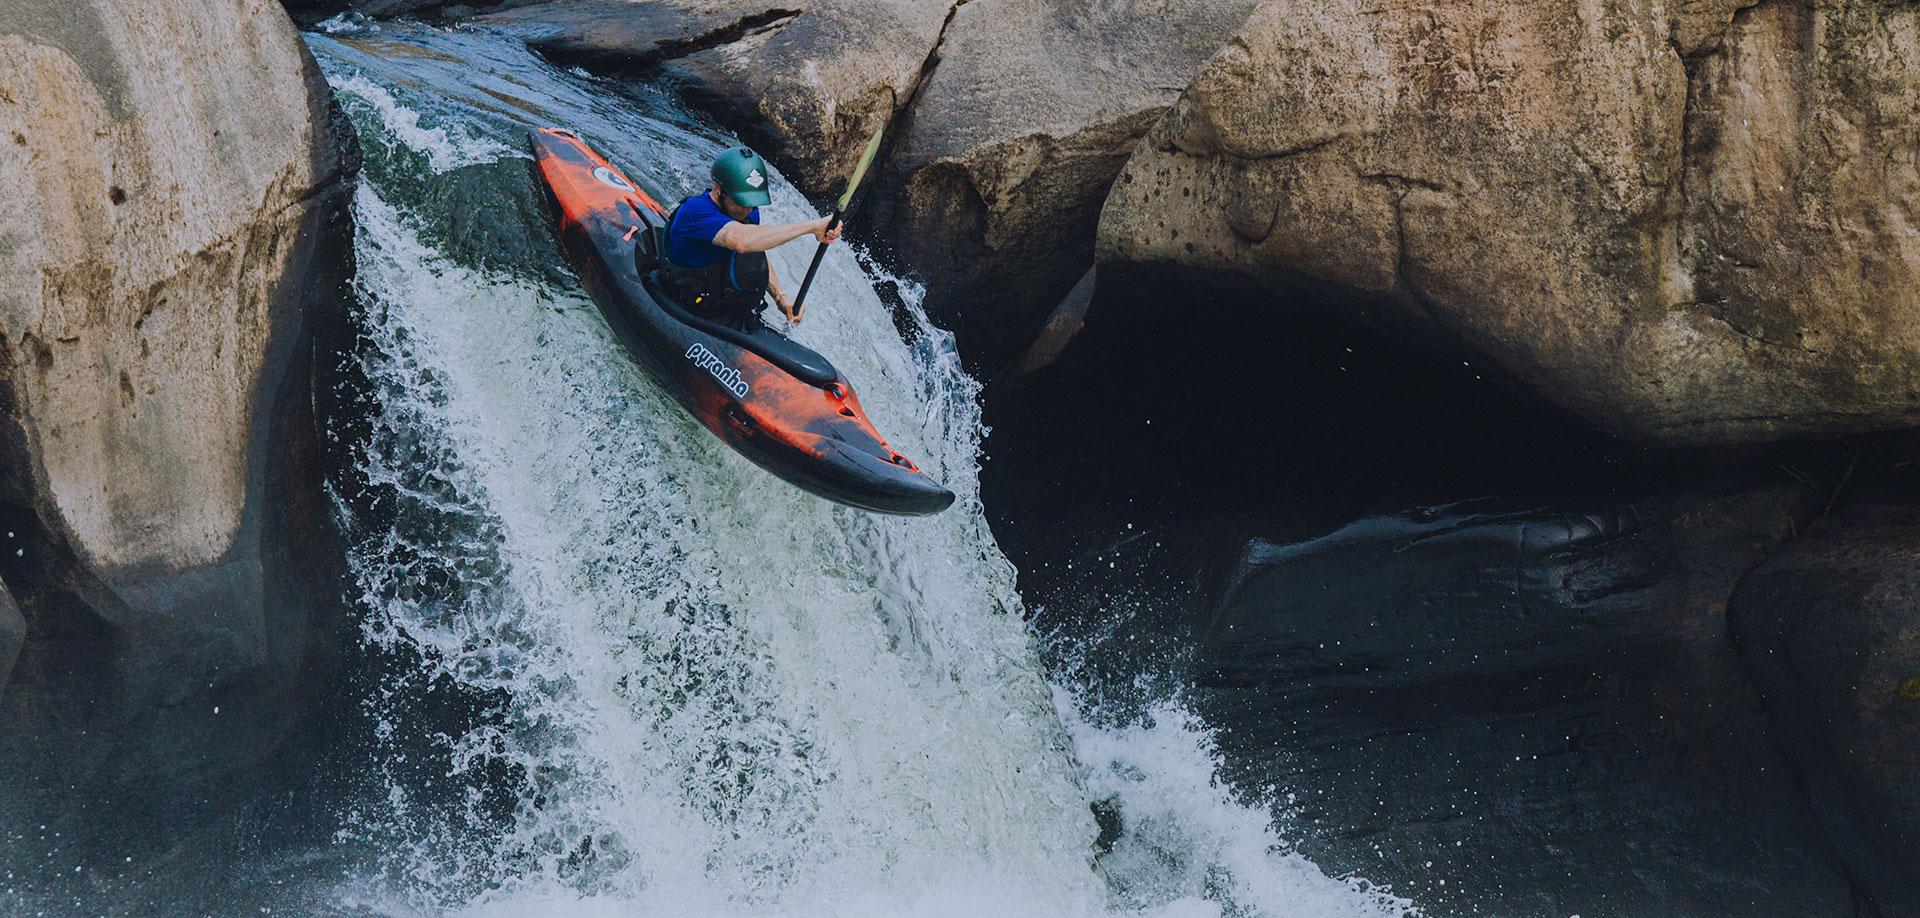 Kayaking down the falls.